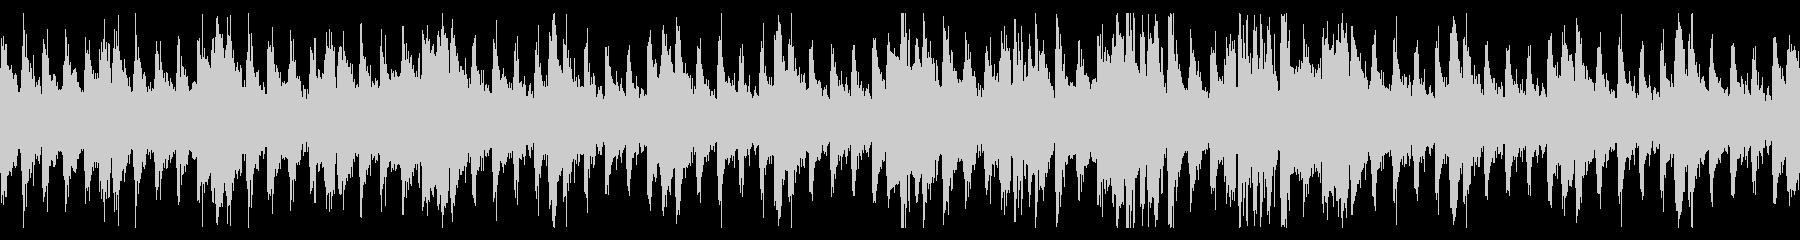 重厚で緊迫感のあるループBGMの未再生の波形